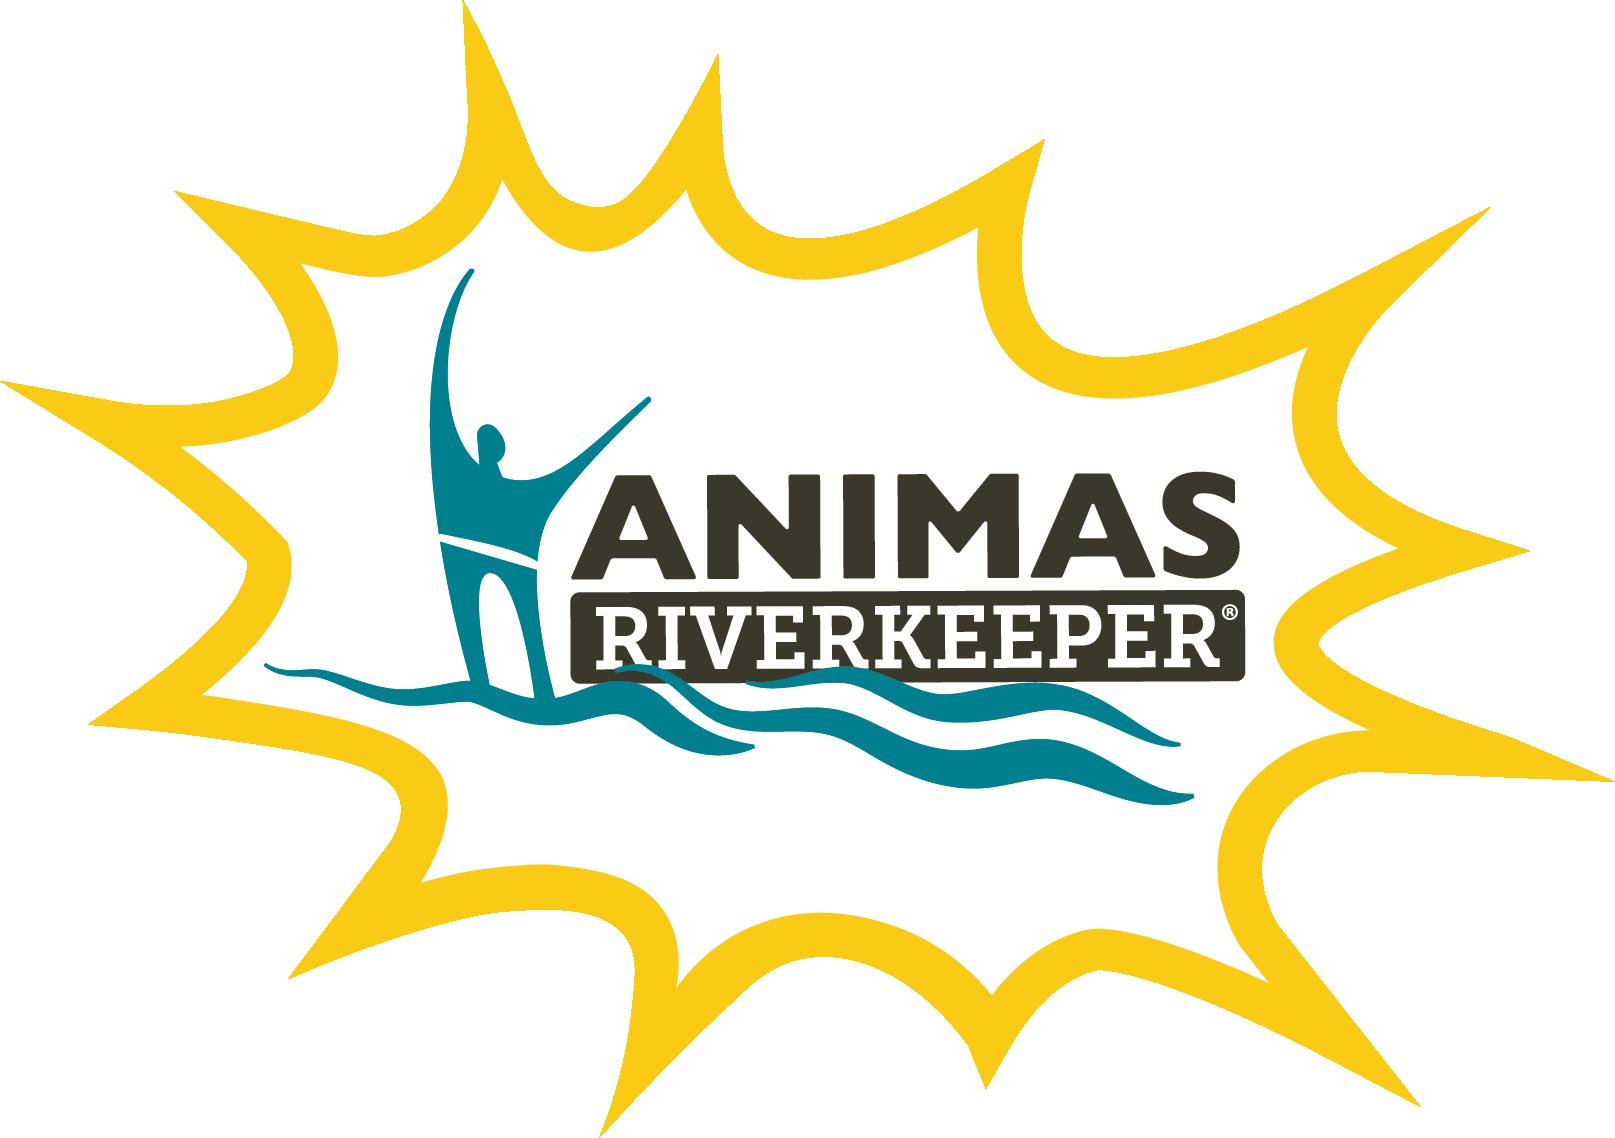 Animas Riverkeeper Blast logo